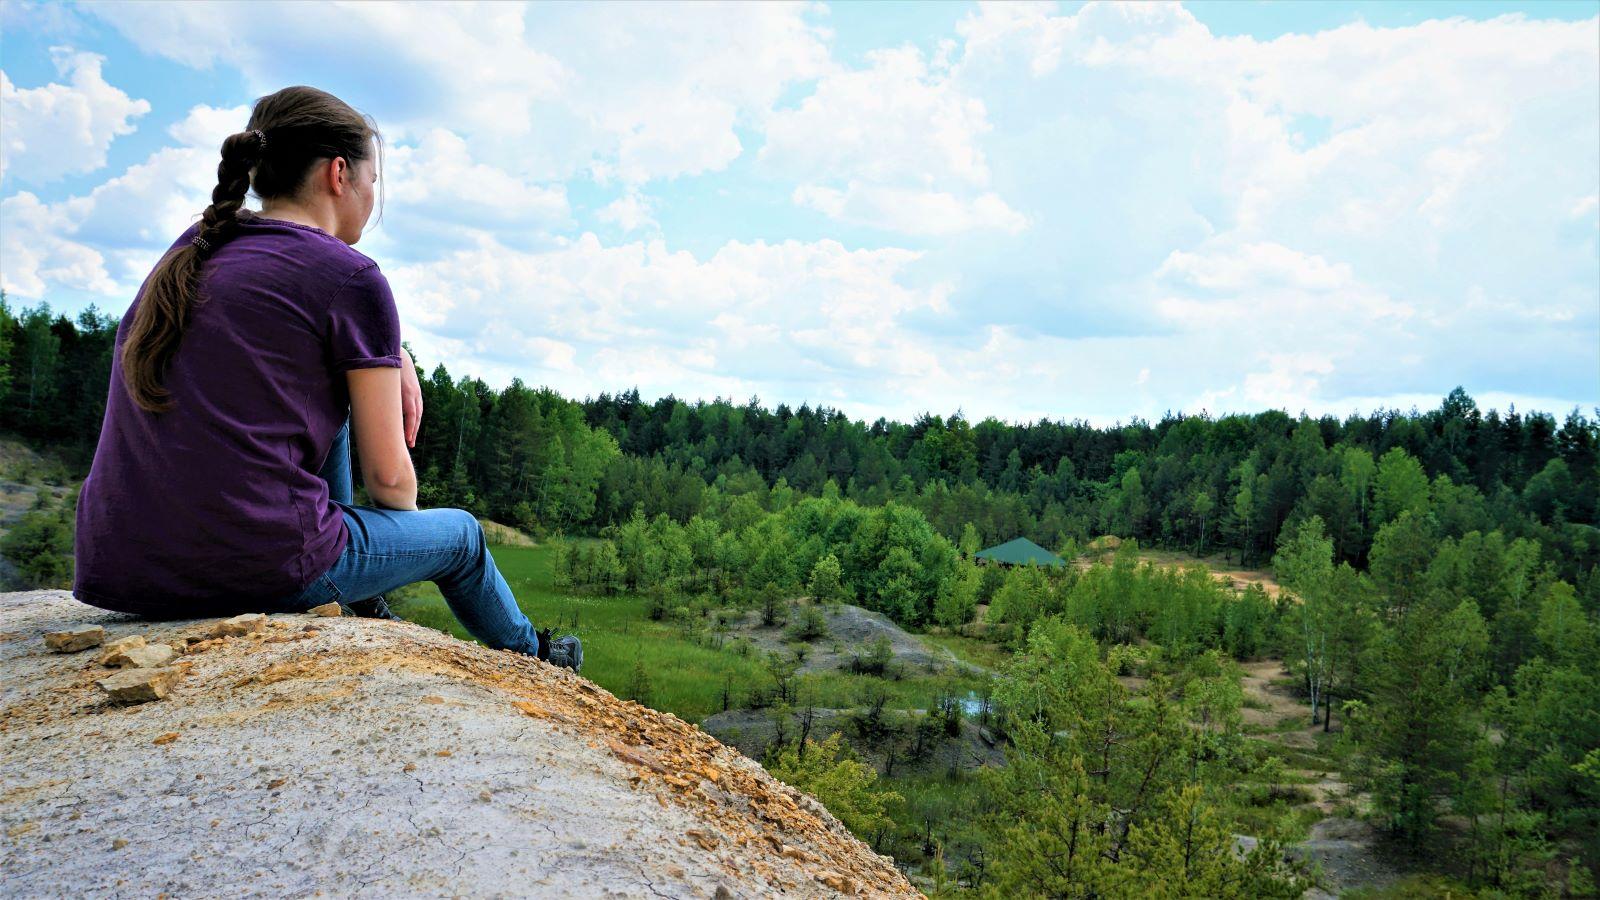 jak podróżować po Polsce